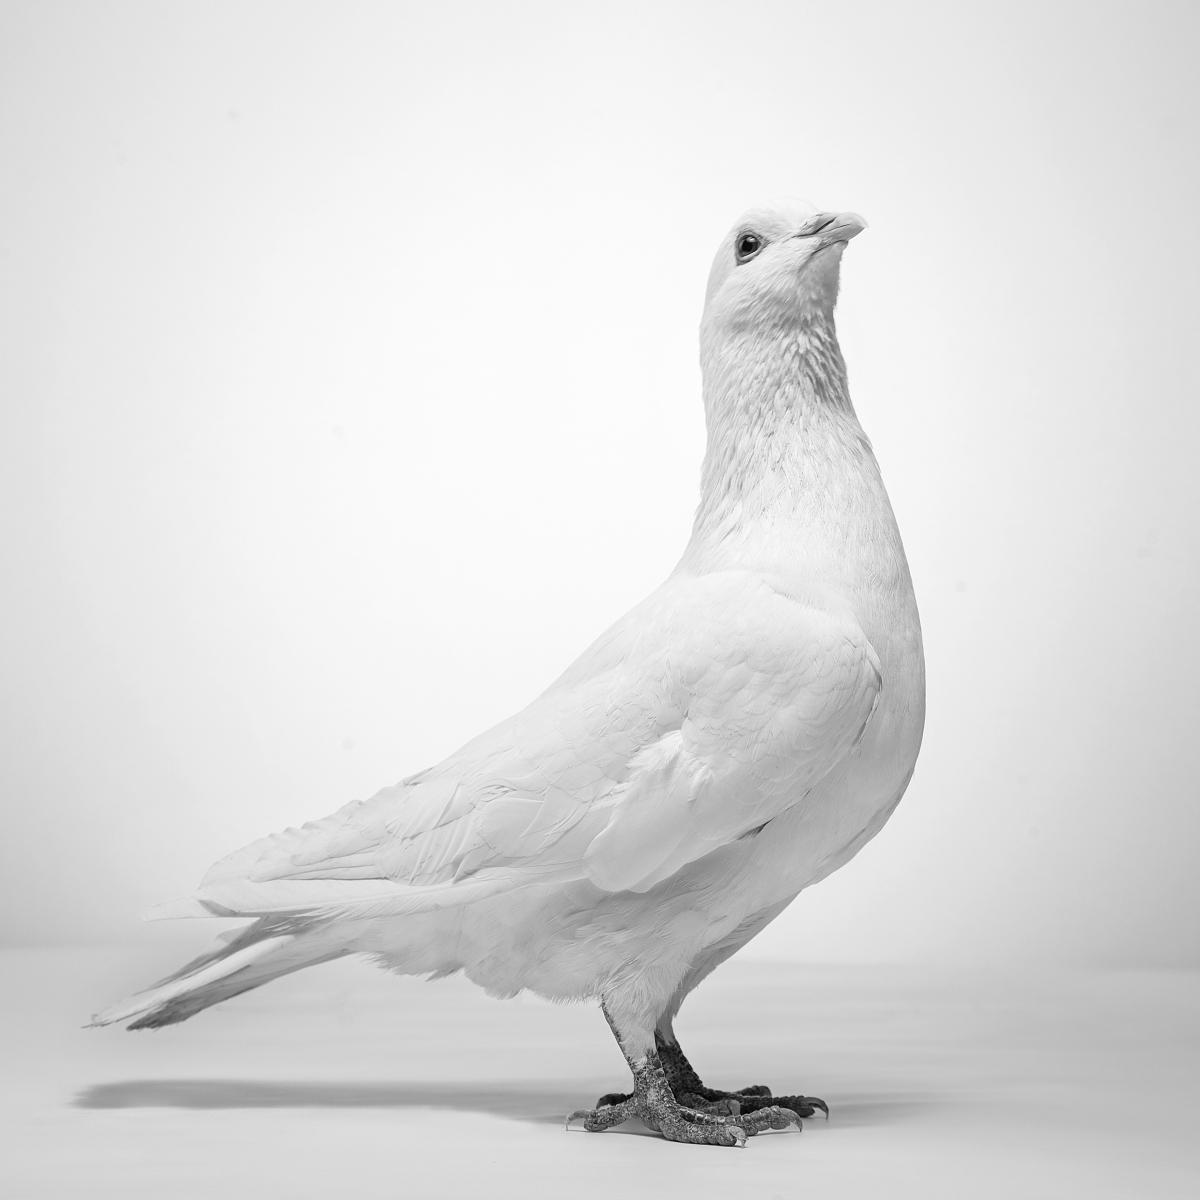 信鸽 2015 03 8881684是不是公棚鸽子哪个公棚的